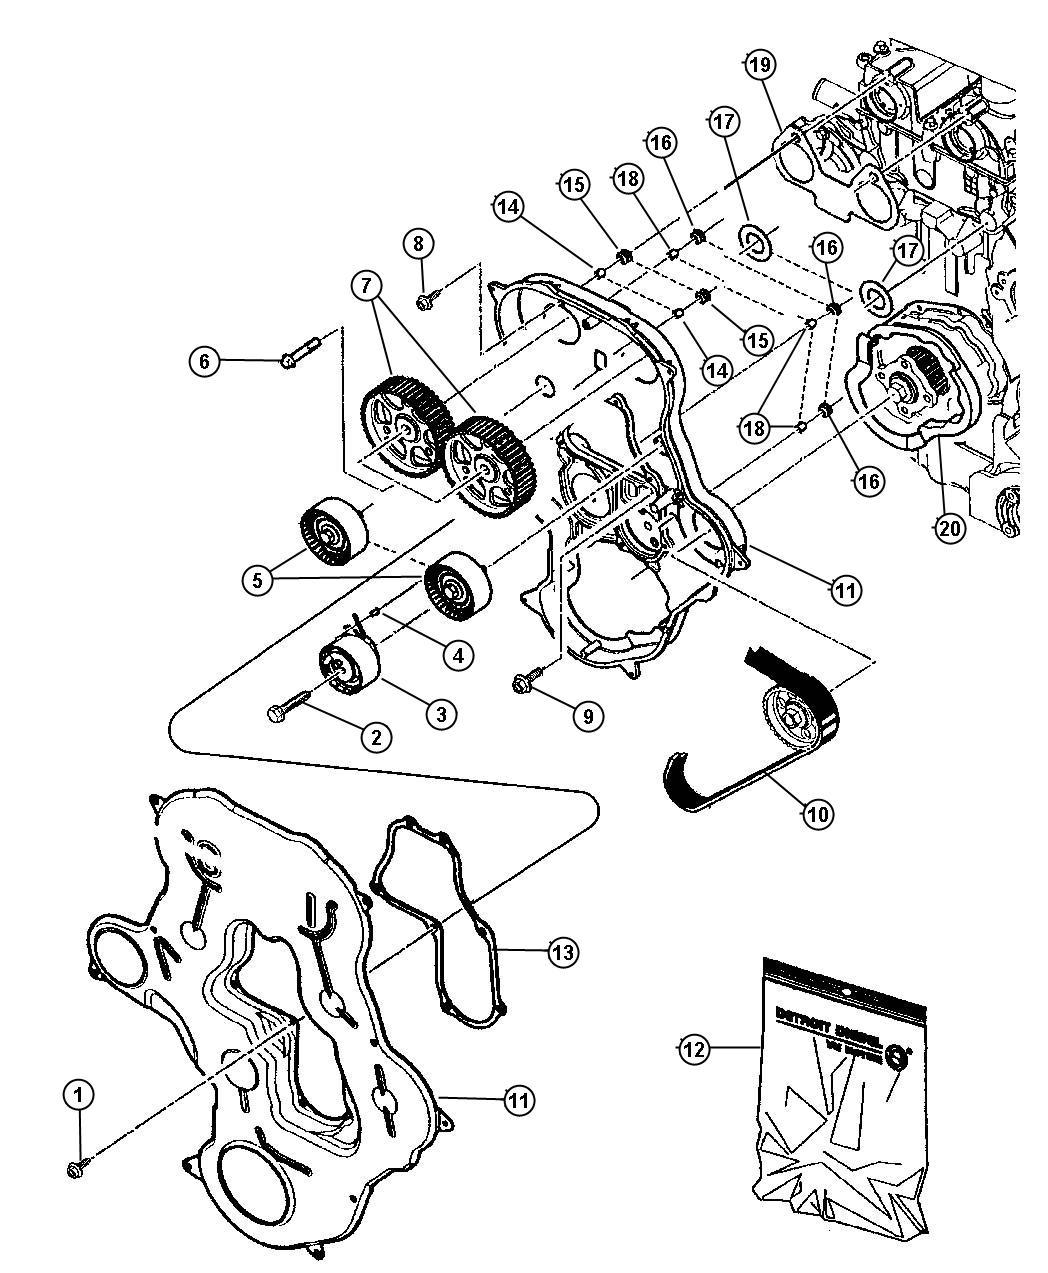 2013 dodge dart pulley  idler  engine  cover  belt